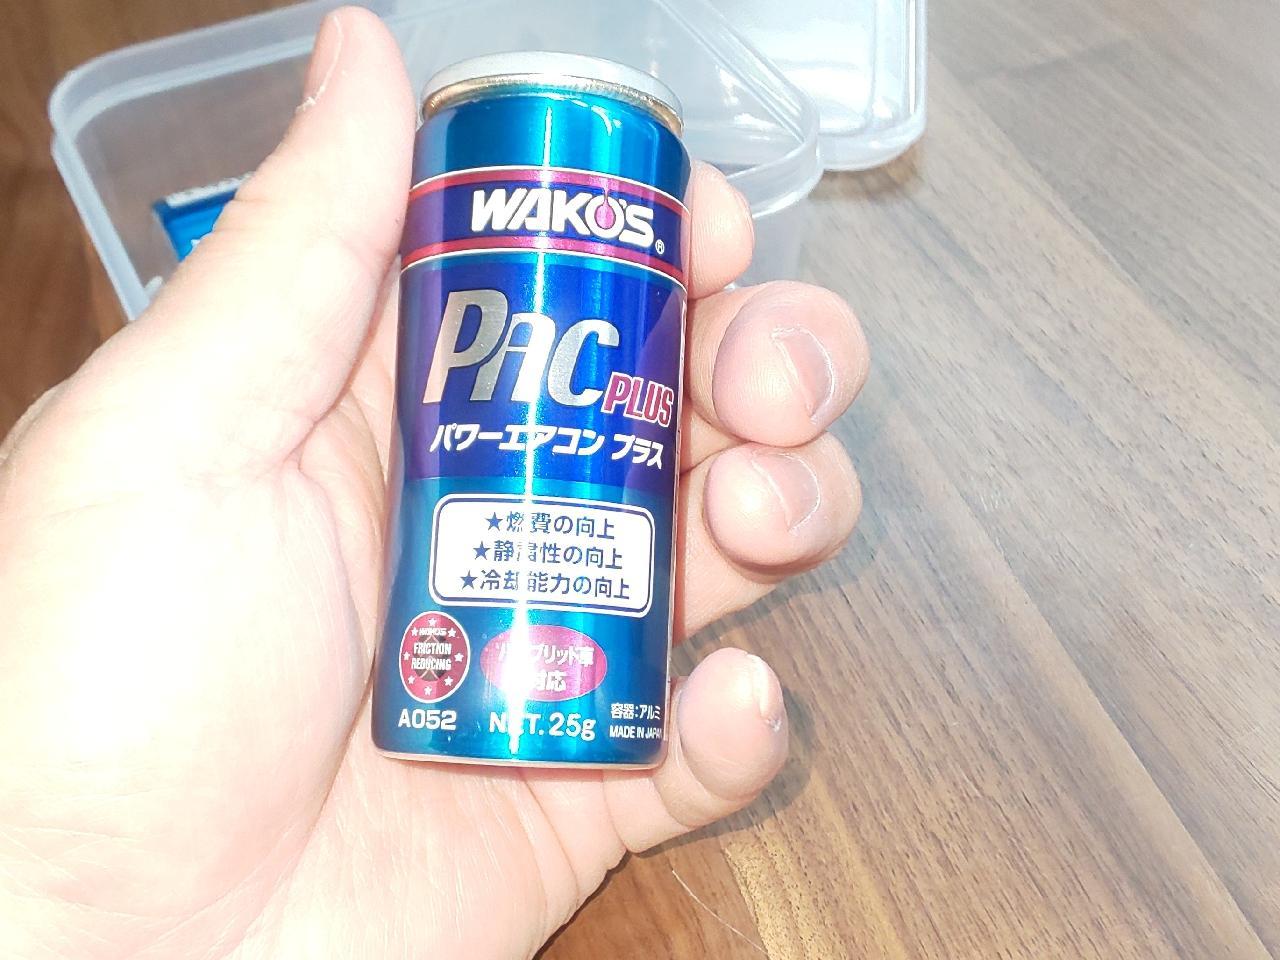 WAKO'S パワーエアコン プラスa052